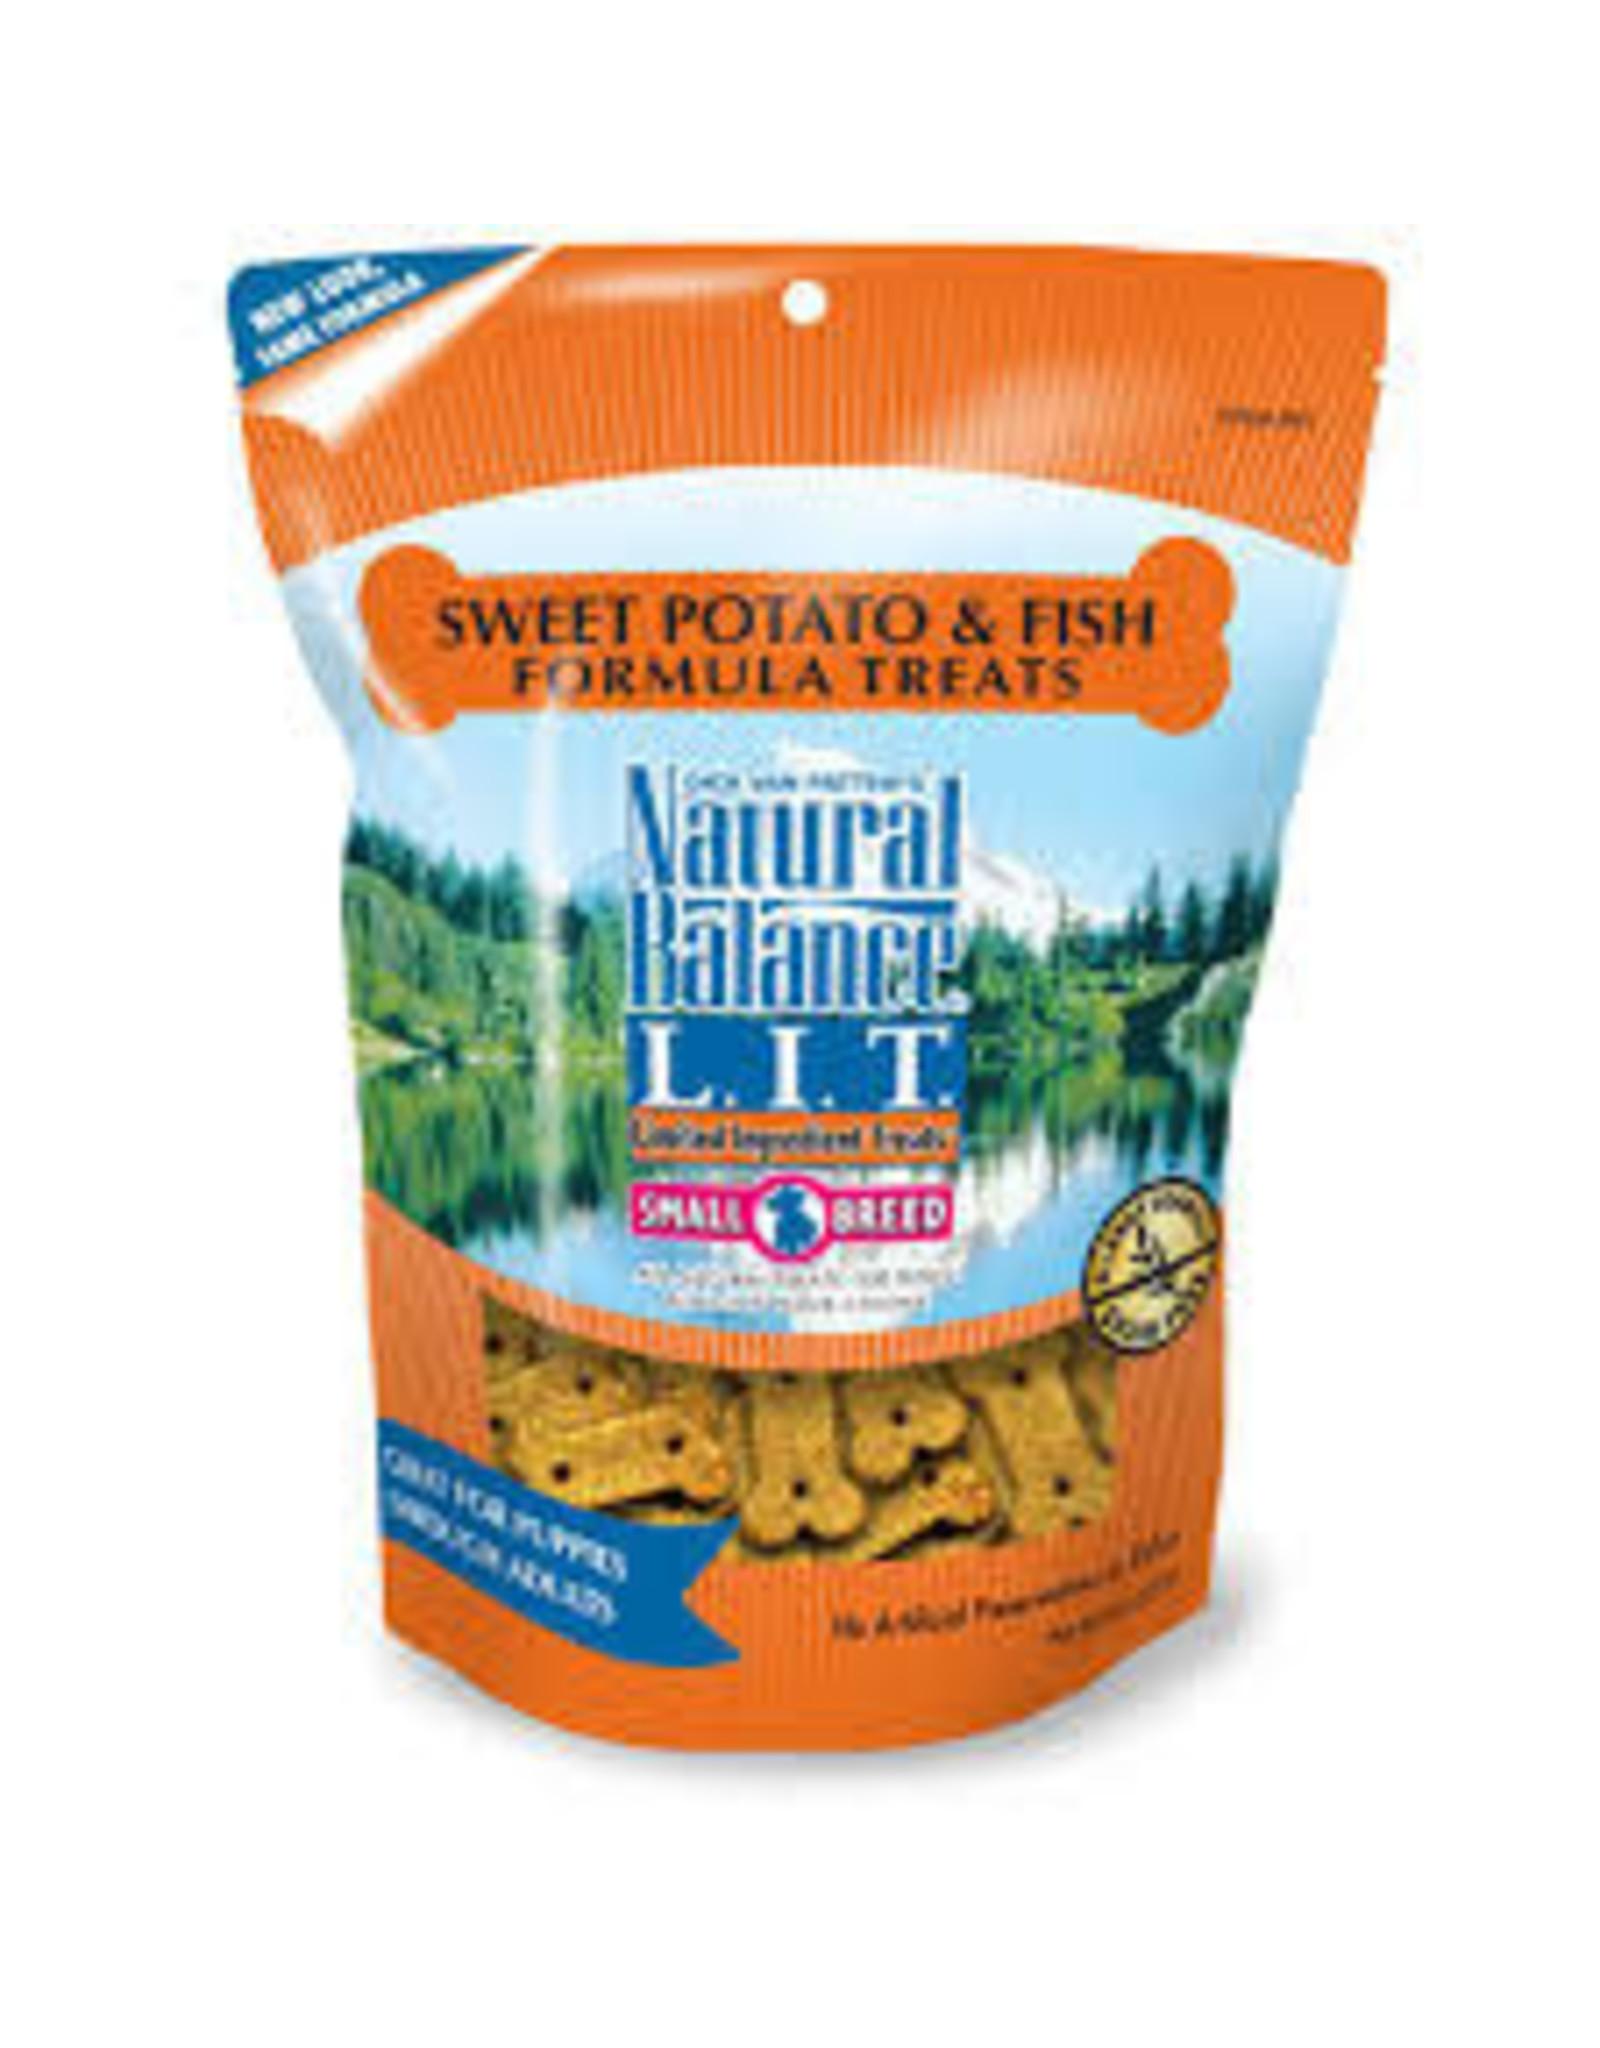 Natural Balance Natural Balance - Sweet Potato & Fish Small Breed 8oz